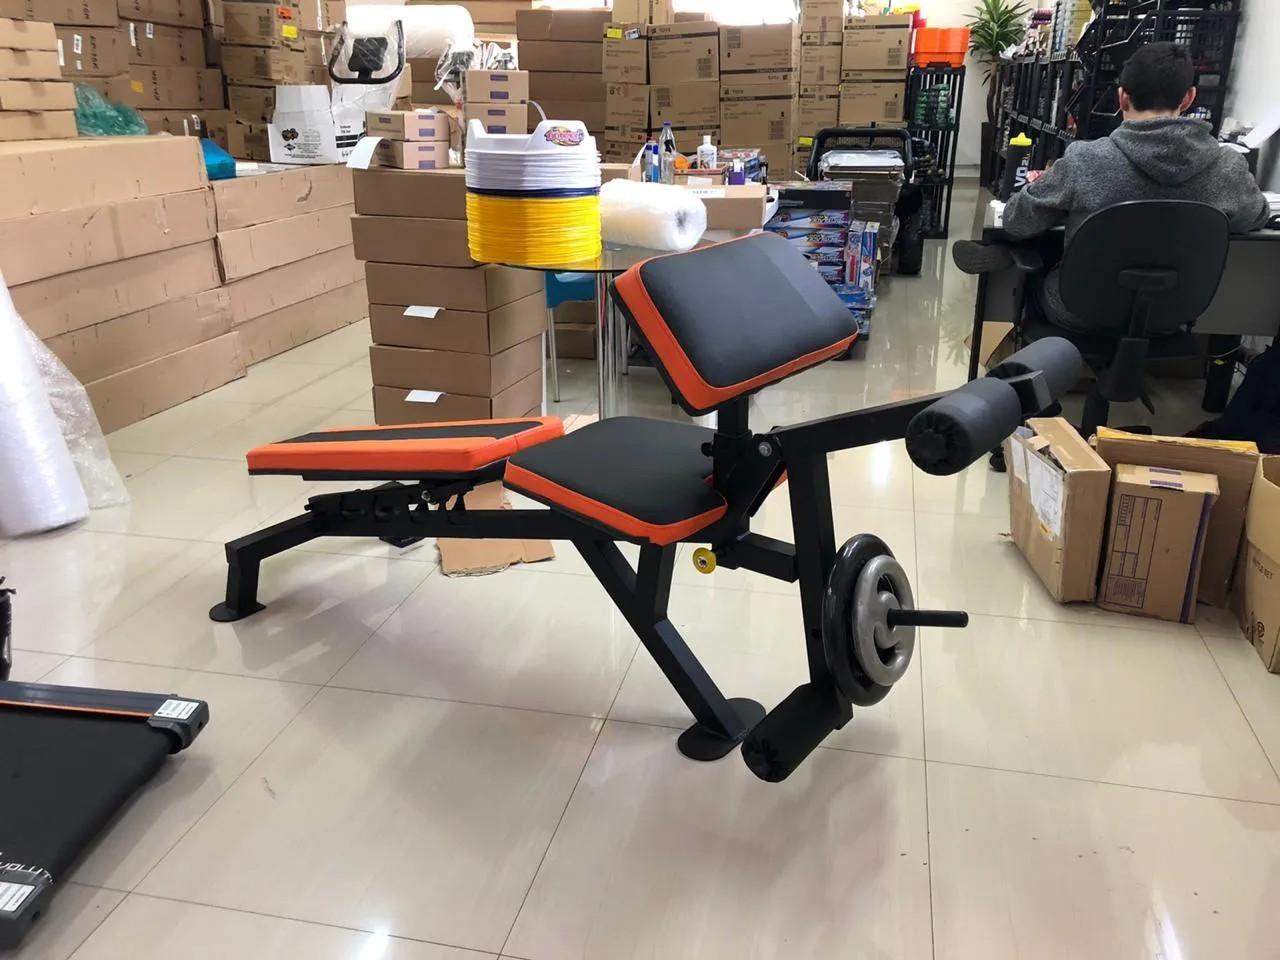 BANCO SUPINO EVOX X150  - Evox Fitness Brasil